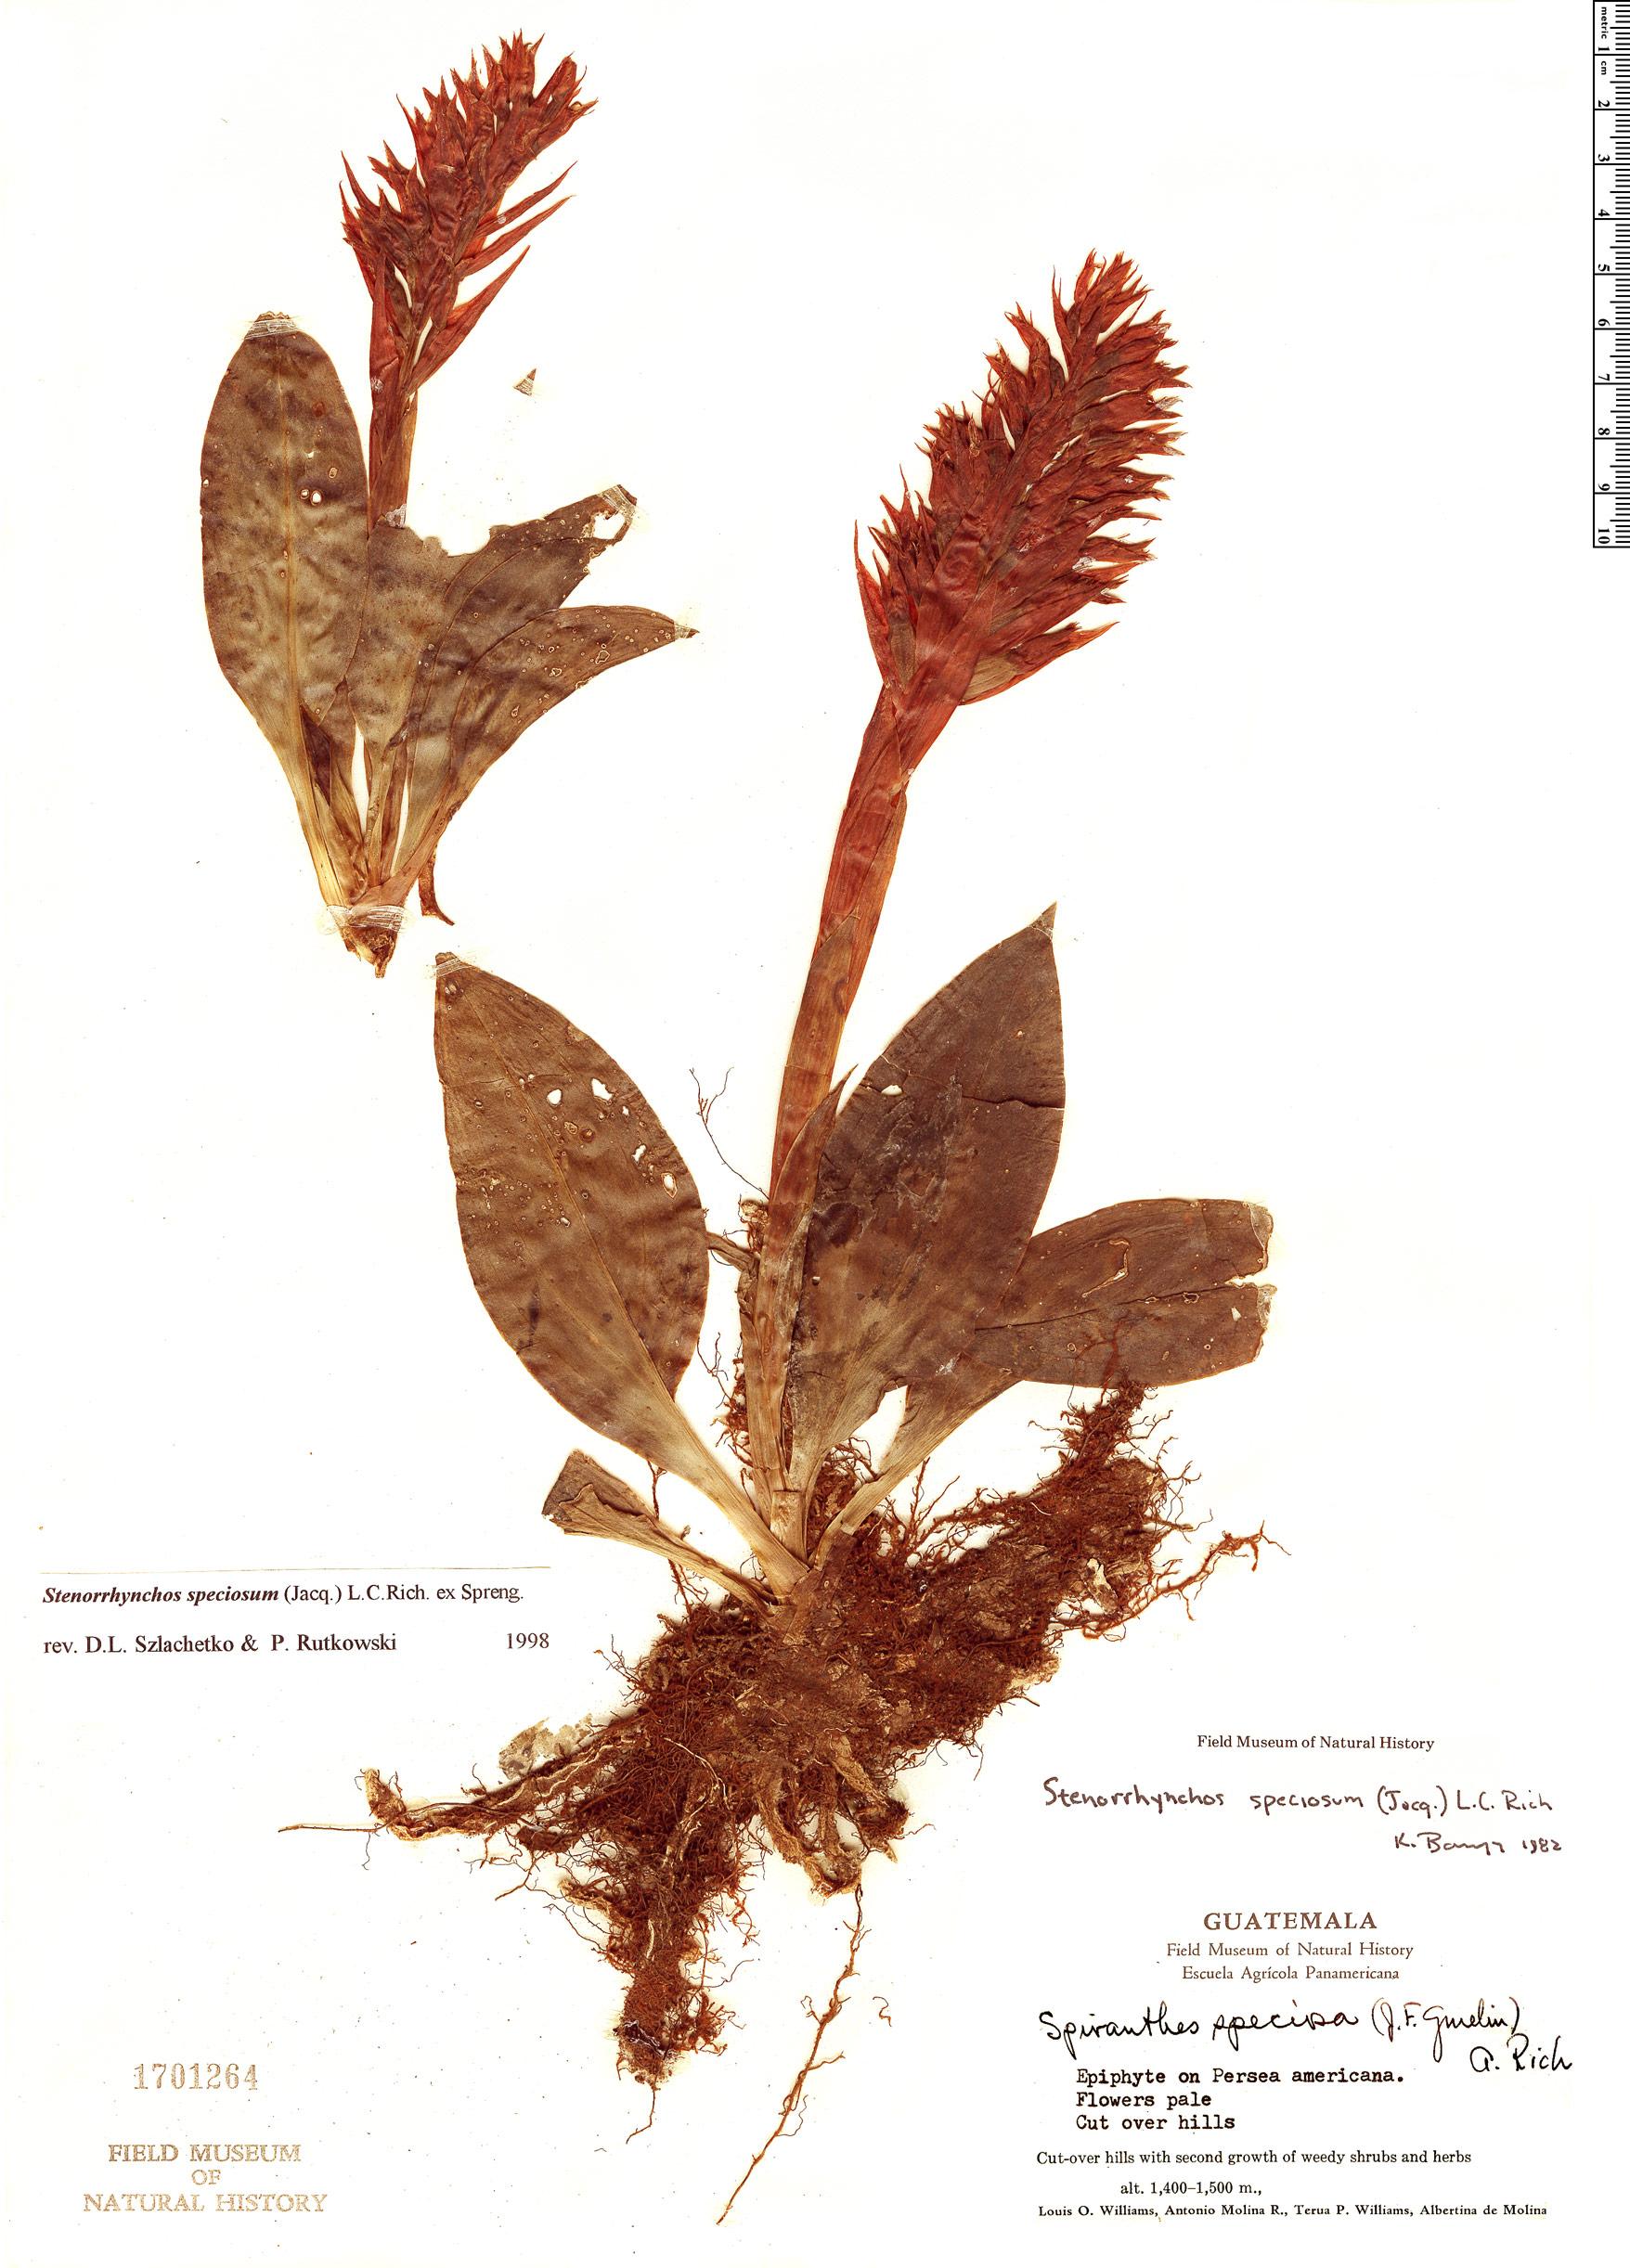 Specimen: Stenorrhynchos speciosum